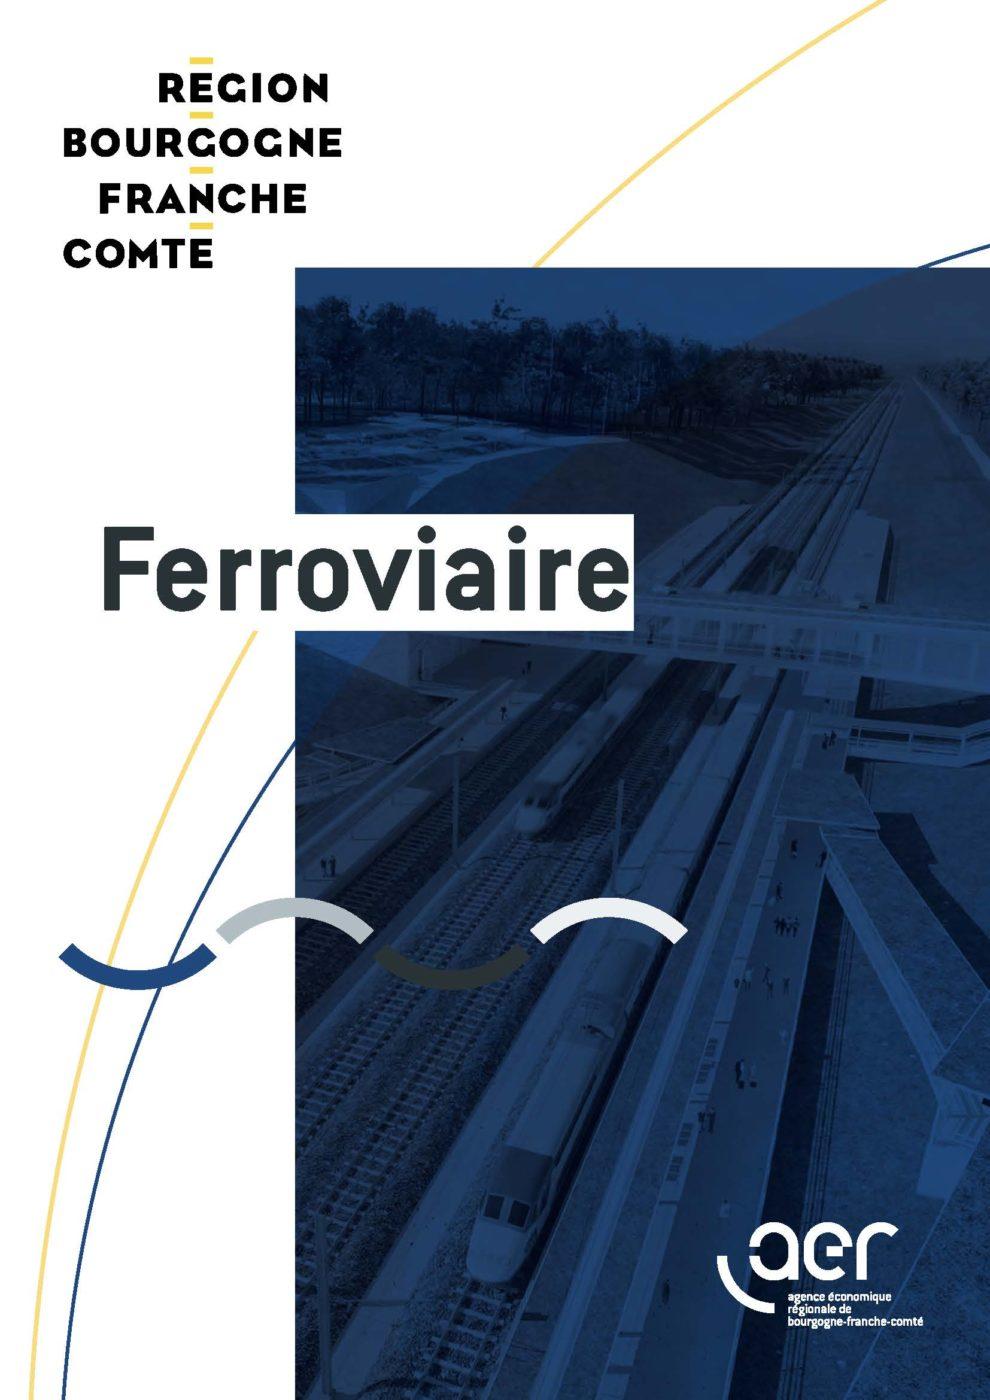 Présentation de la filière Ferroviaire en Bourgogne - Franche - Comté